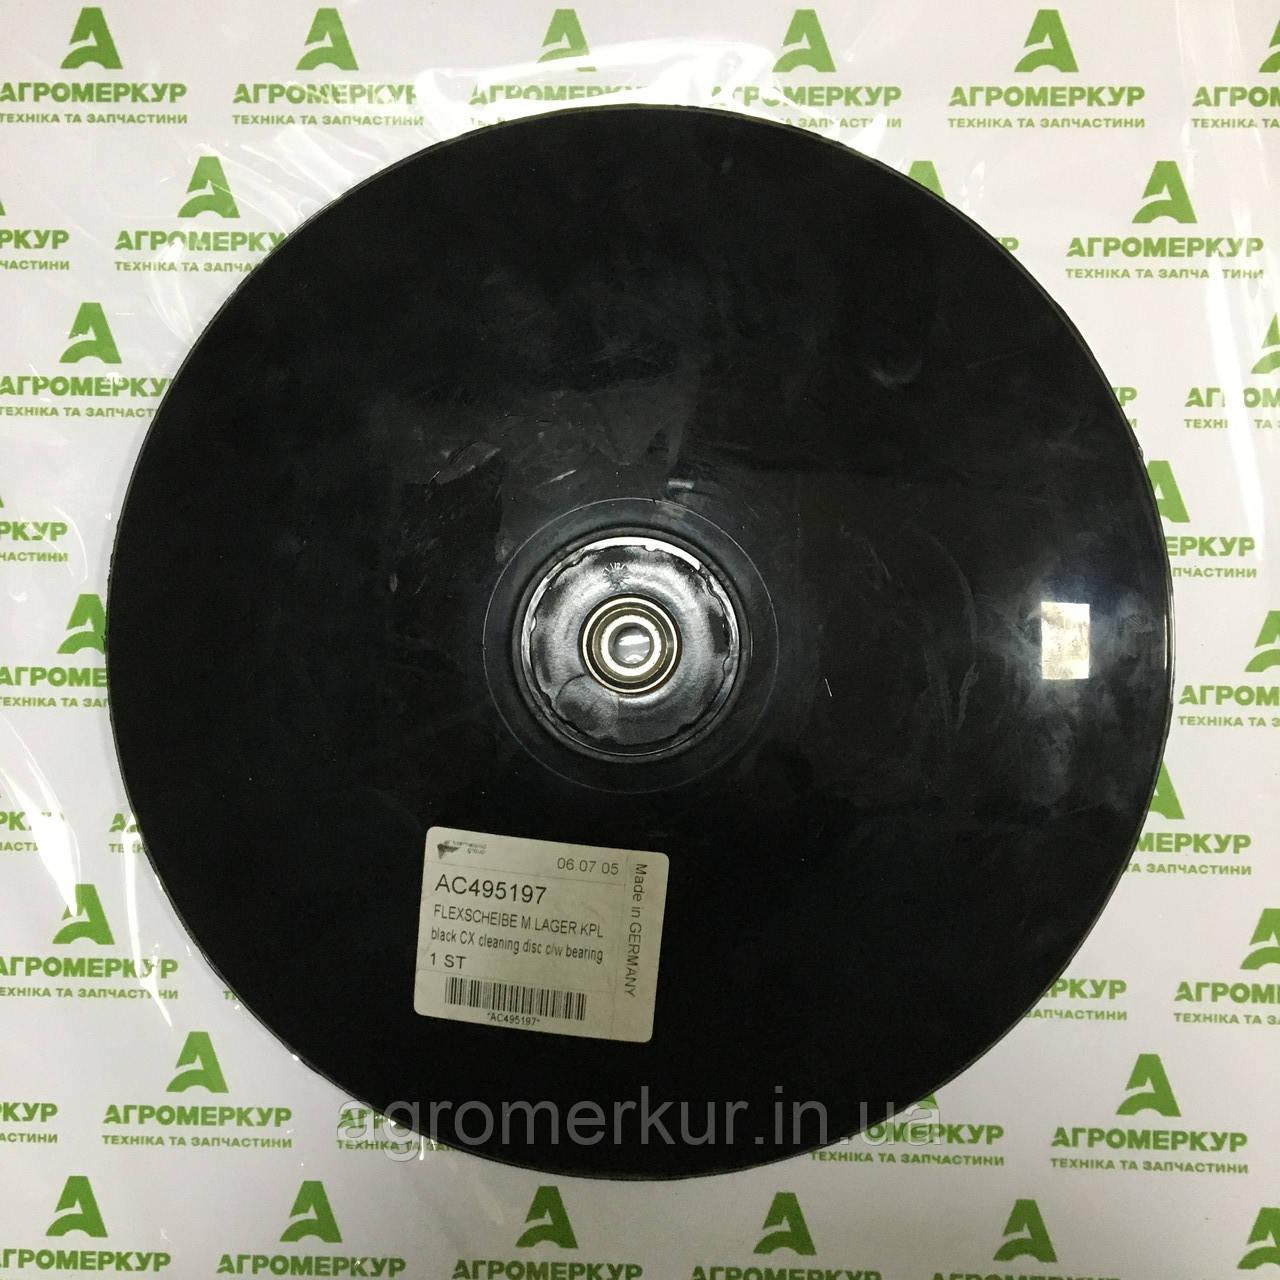 Диск очисний AC495197 з підшипниками Kverneland